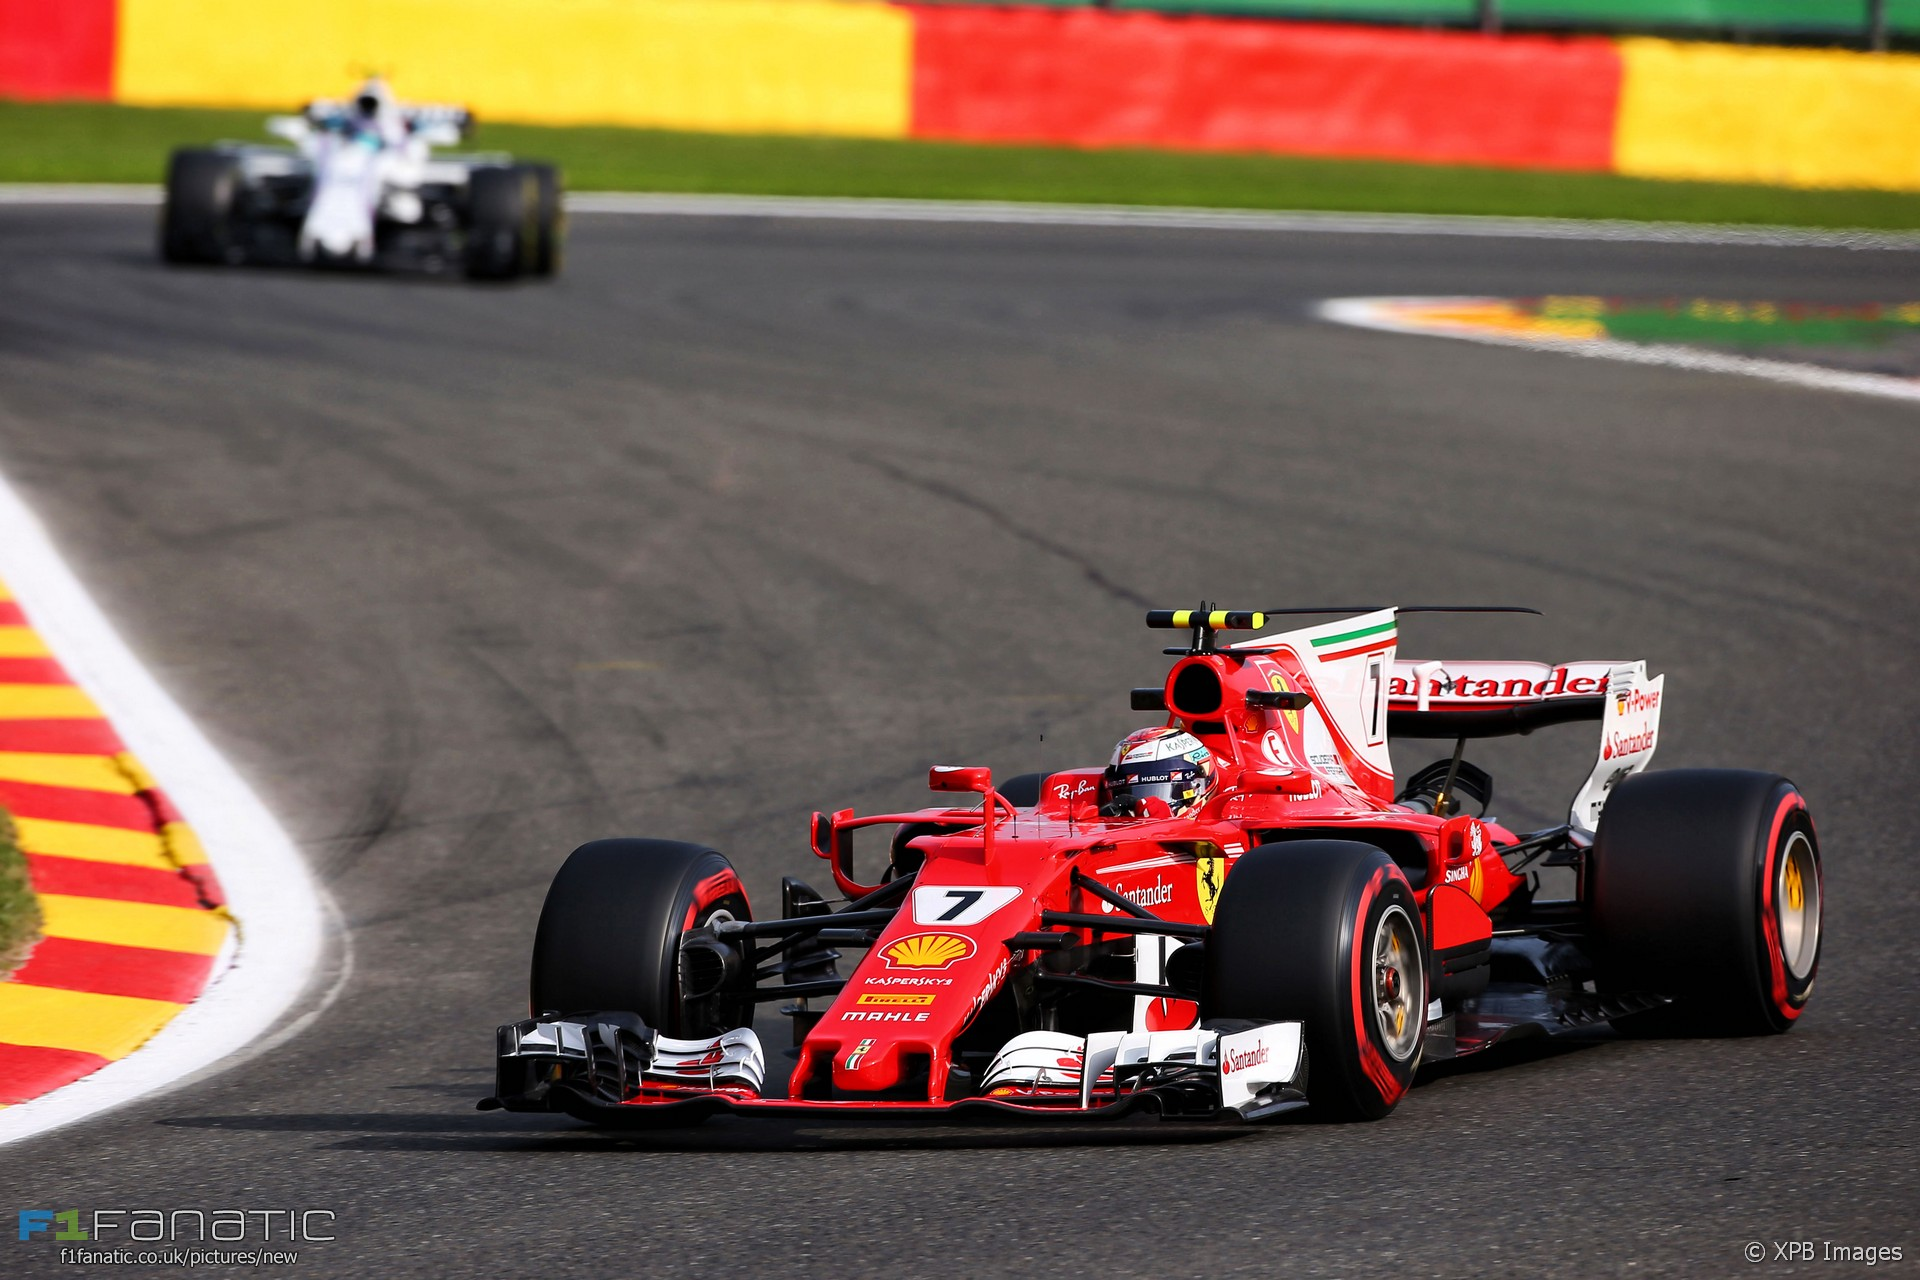 Kimi Raikkonen, Ferrari, Spa-Francorchamps, 2017